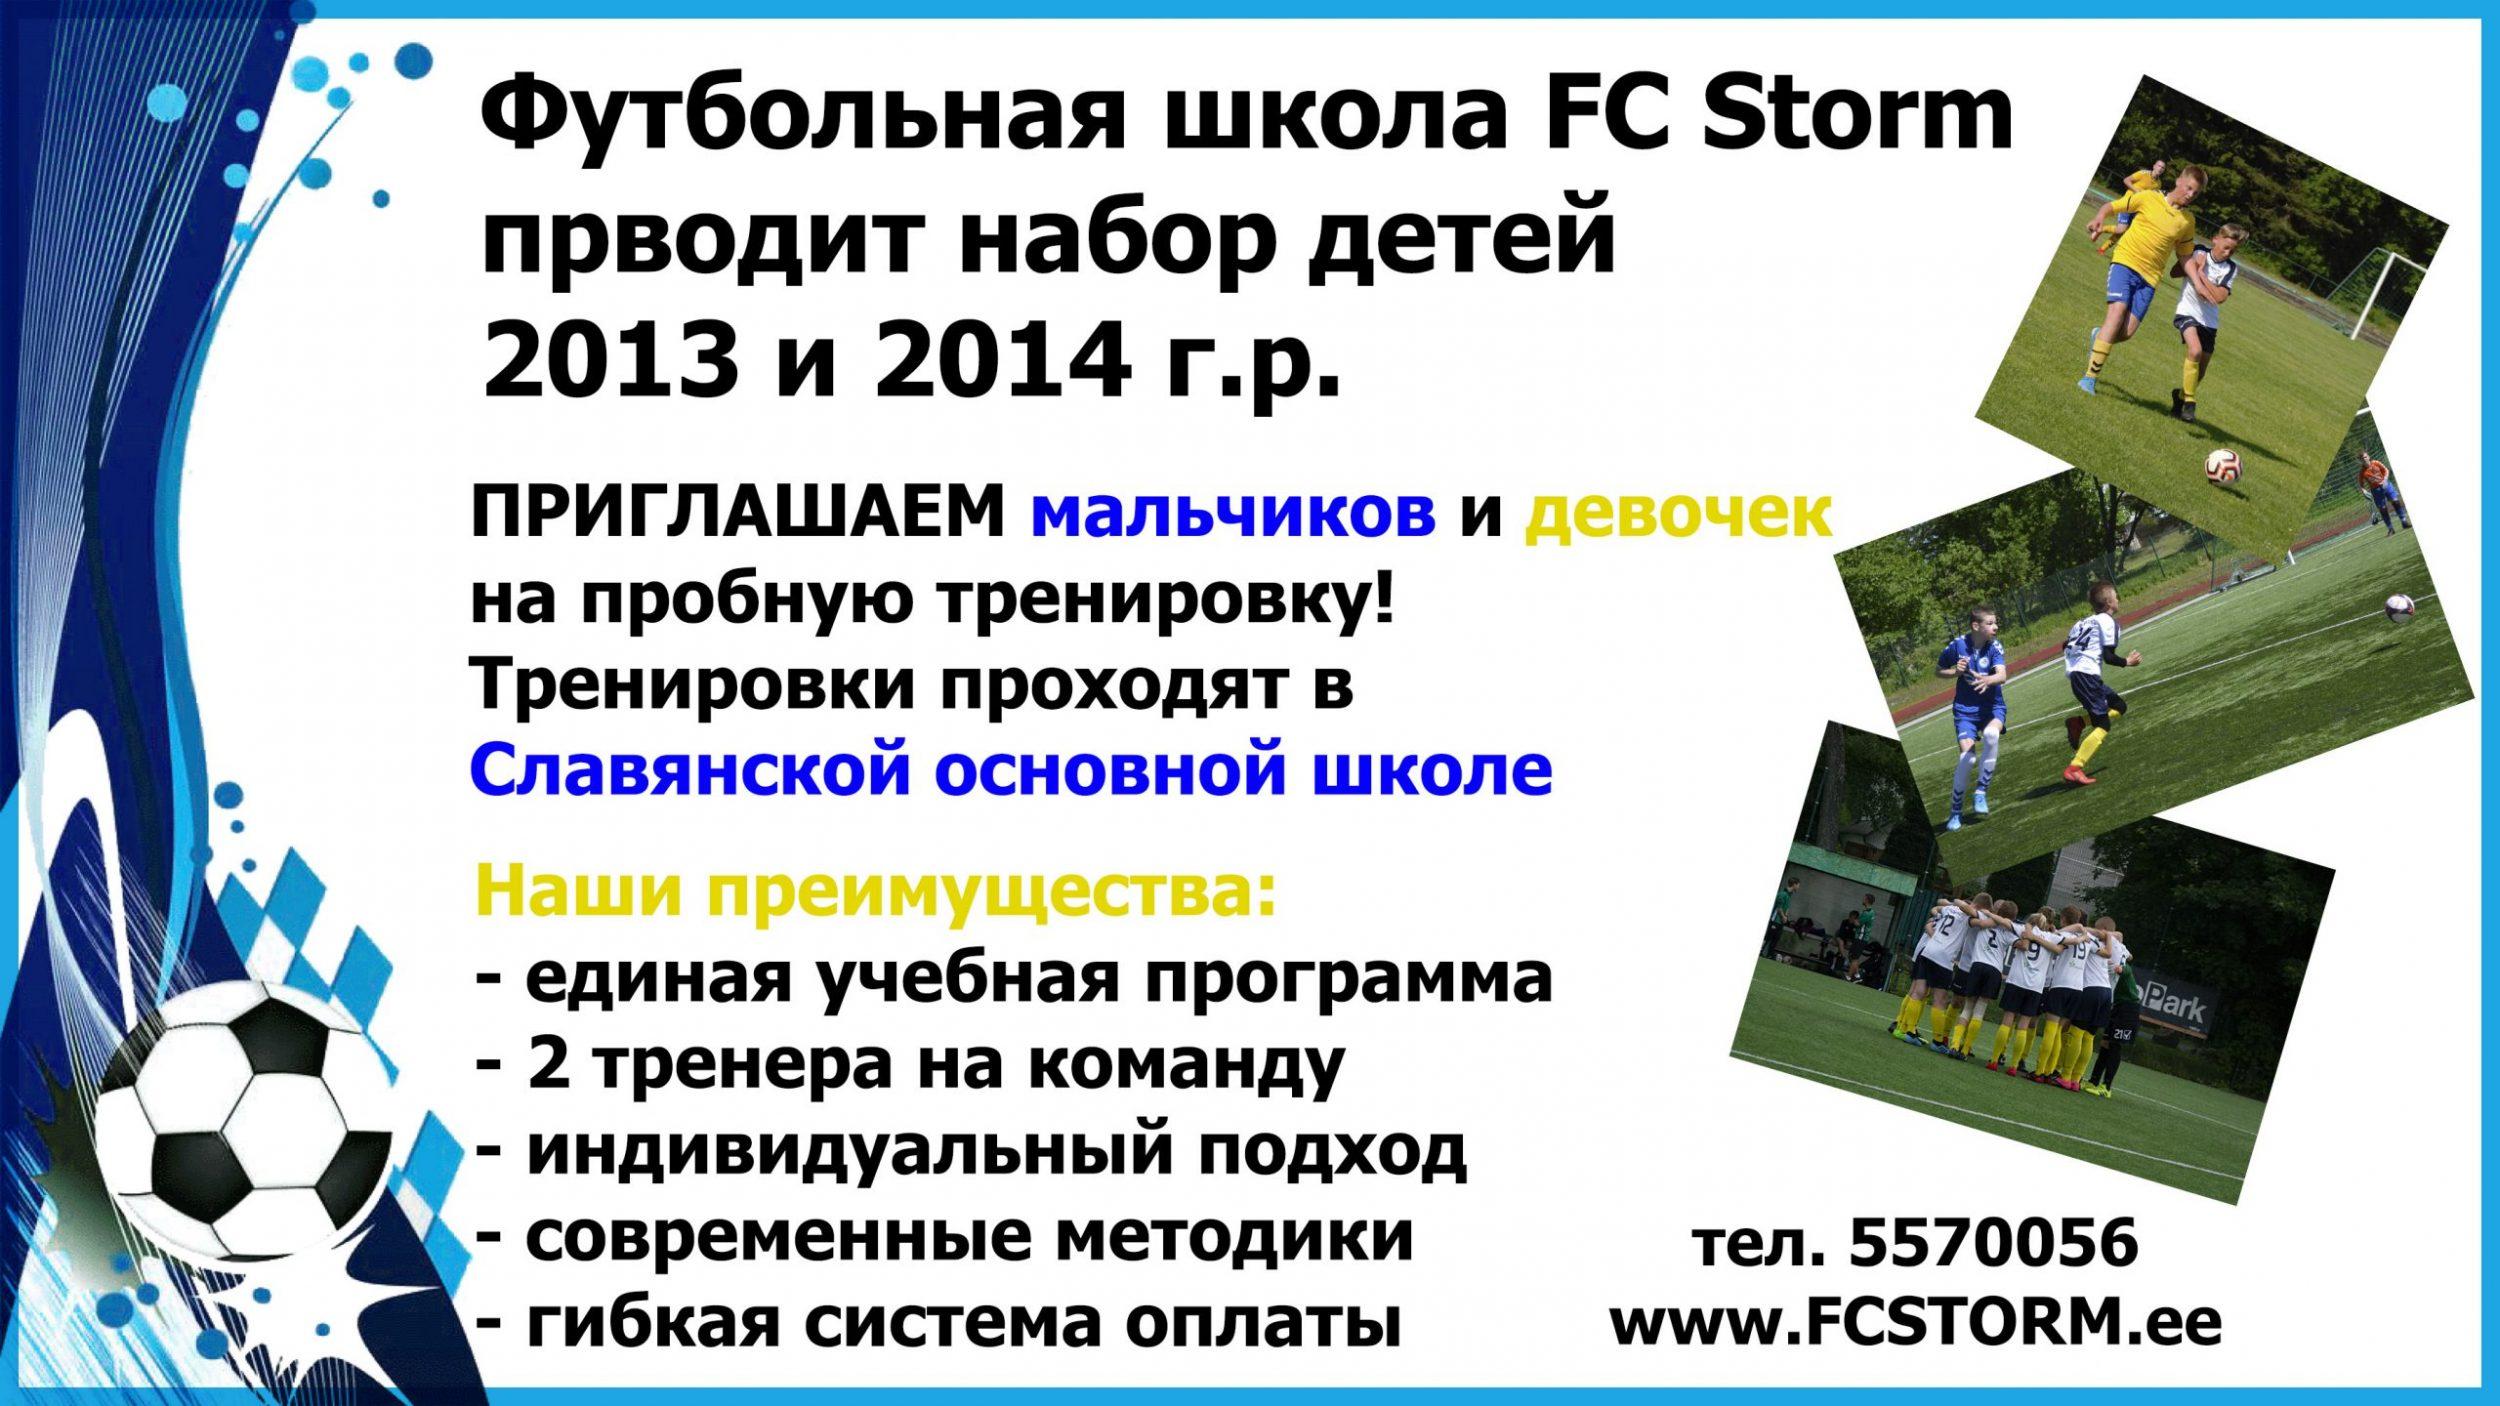 FC STORM